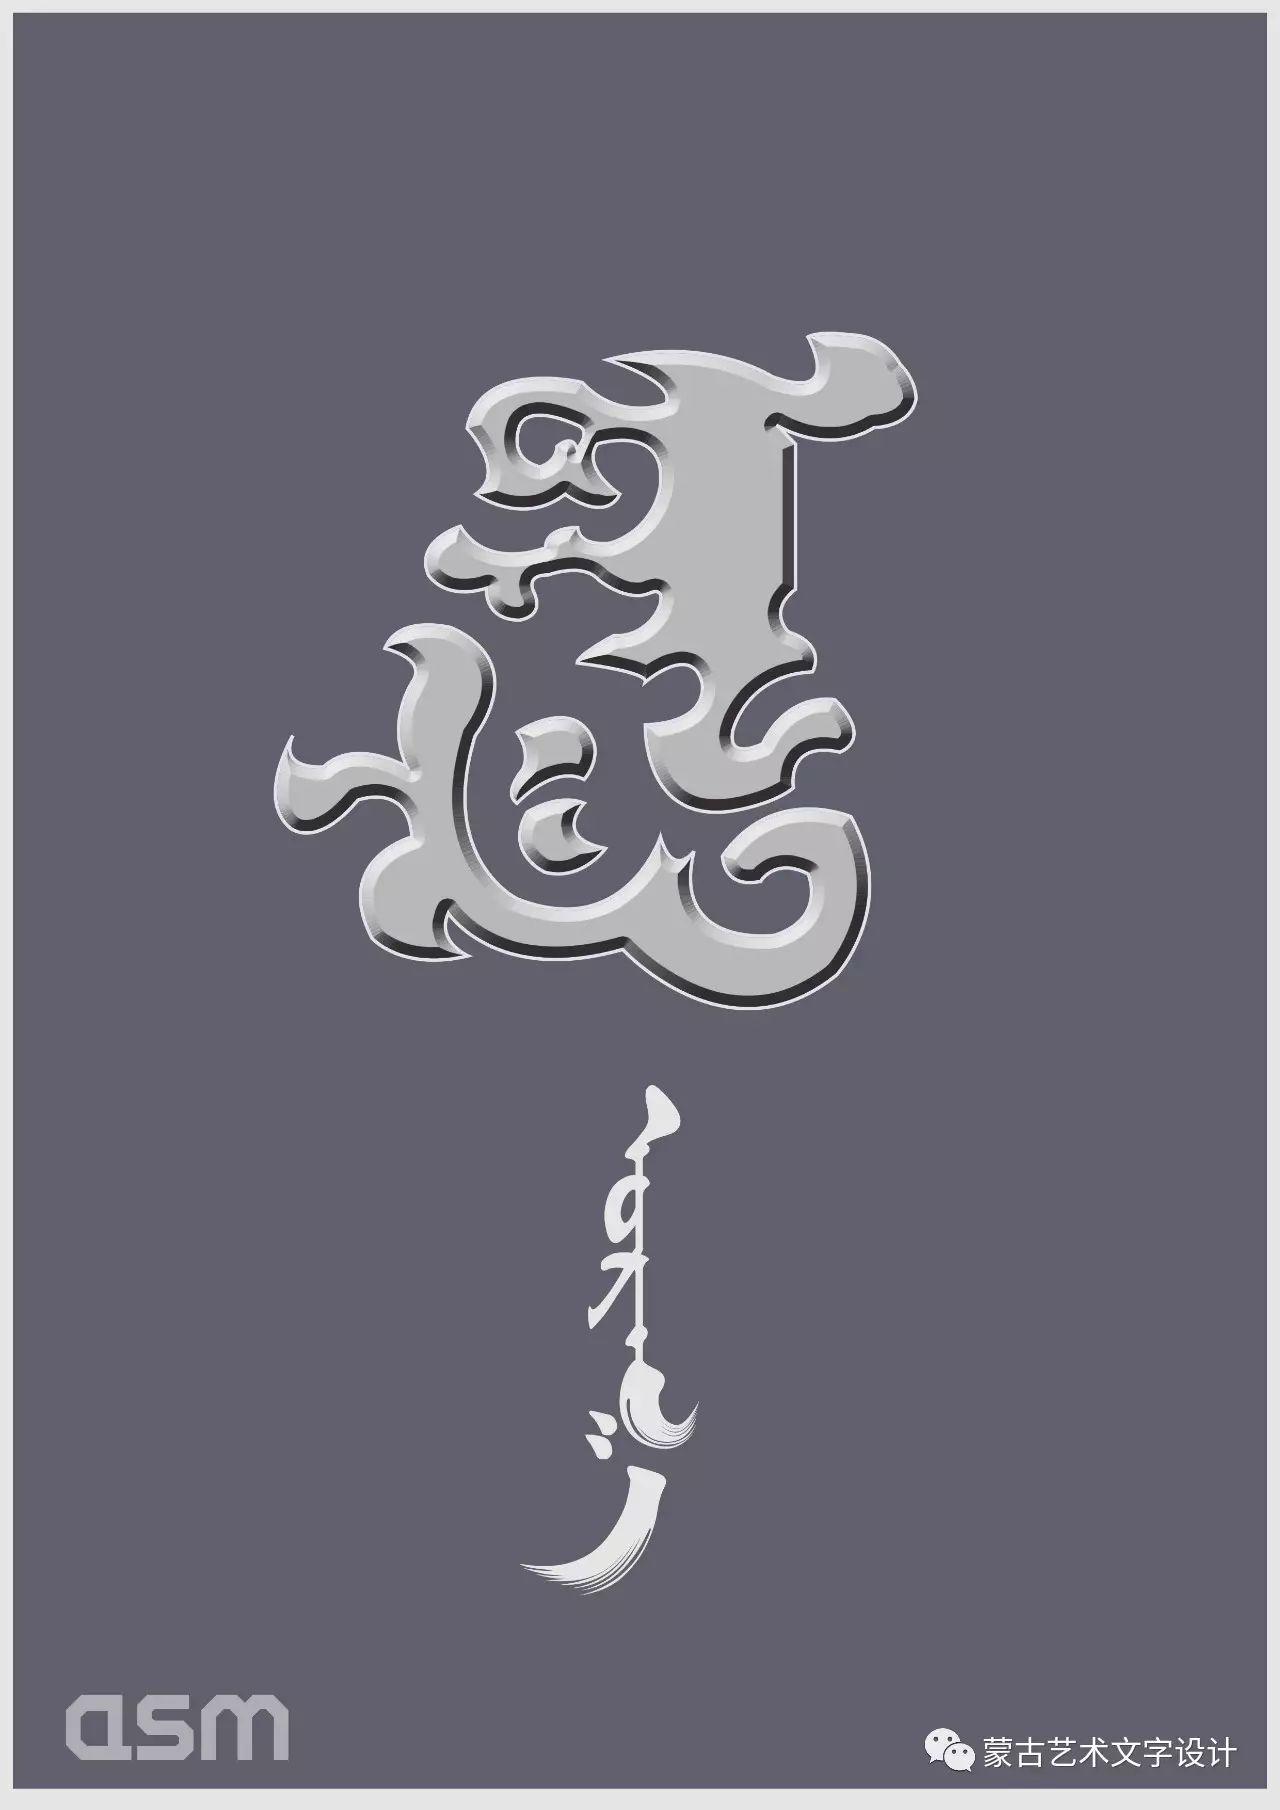 蒙古艺术文字设计 第72张